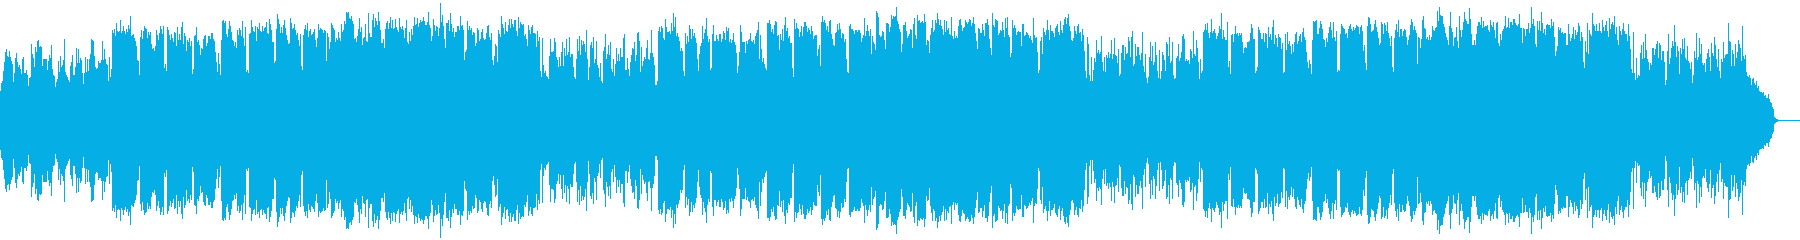 メロディアスで切ない和風ポップスの再生済みの波形